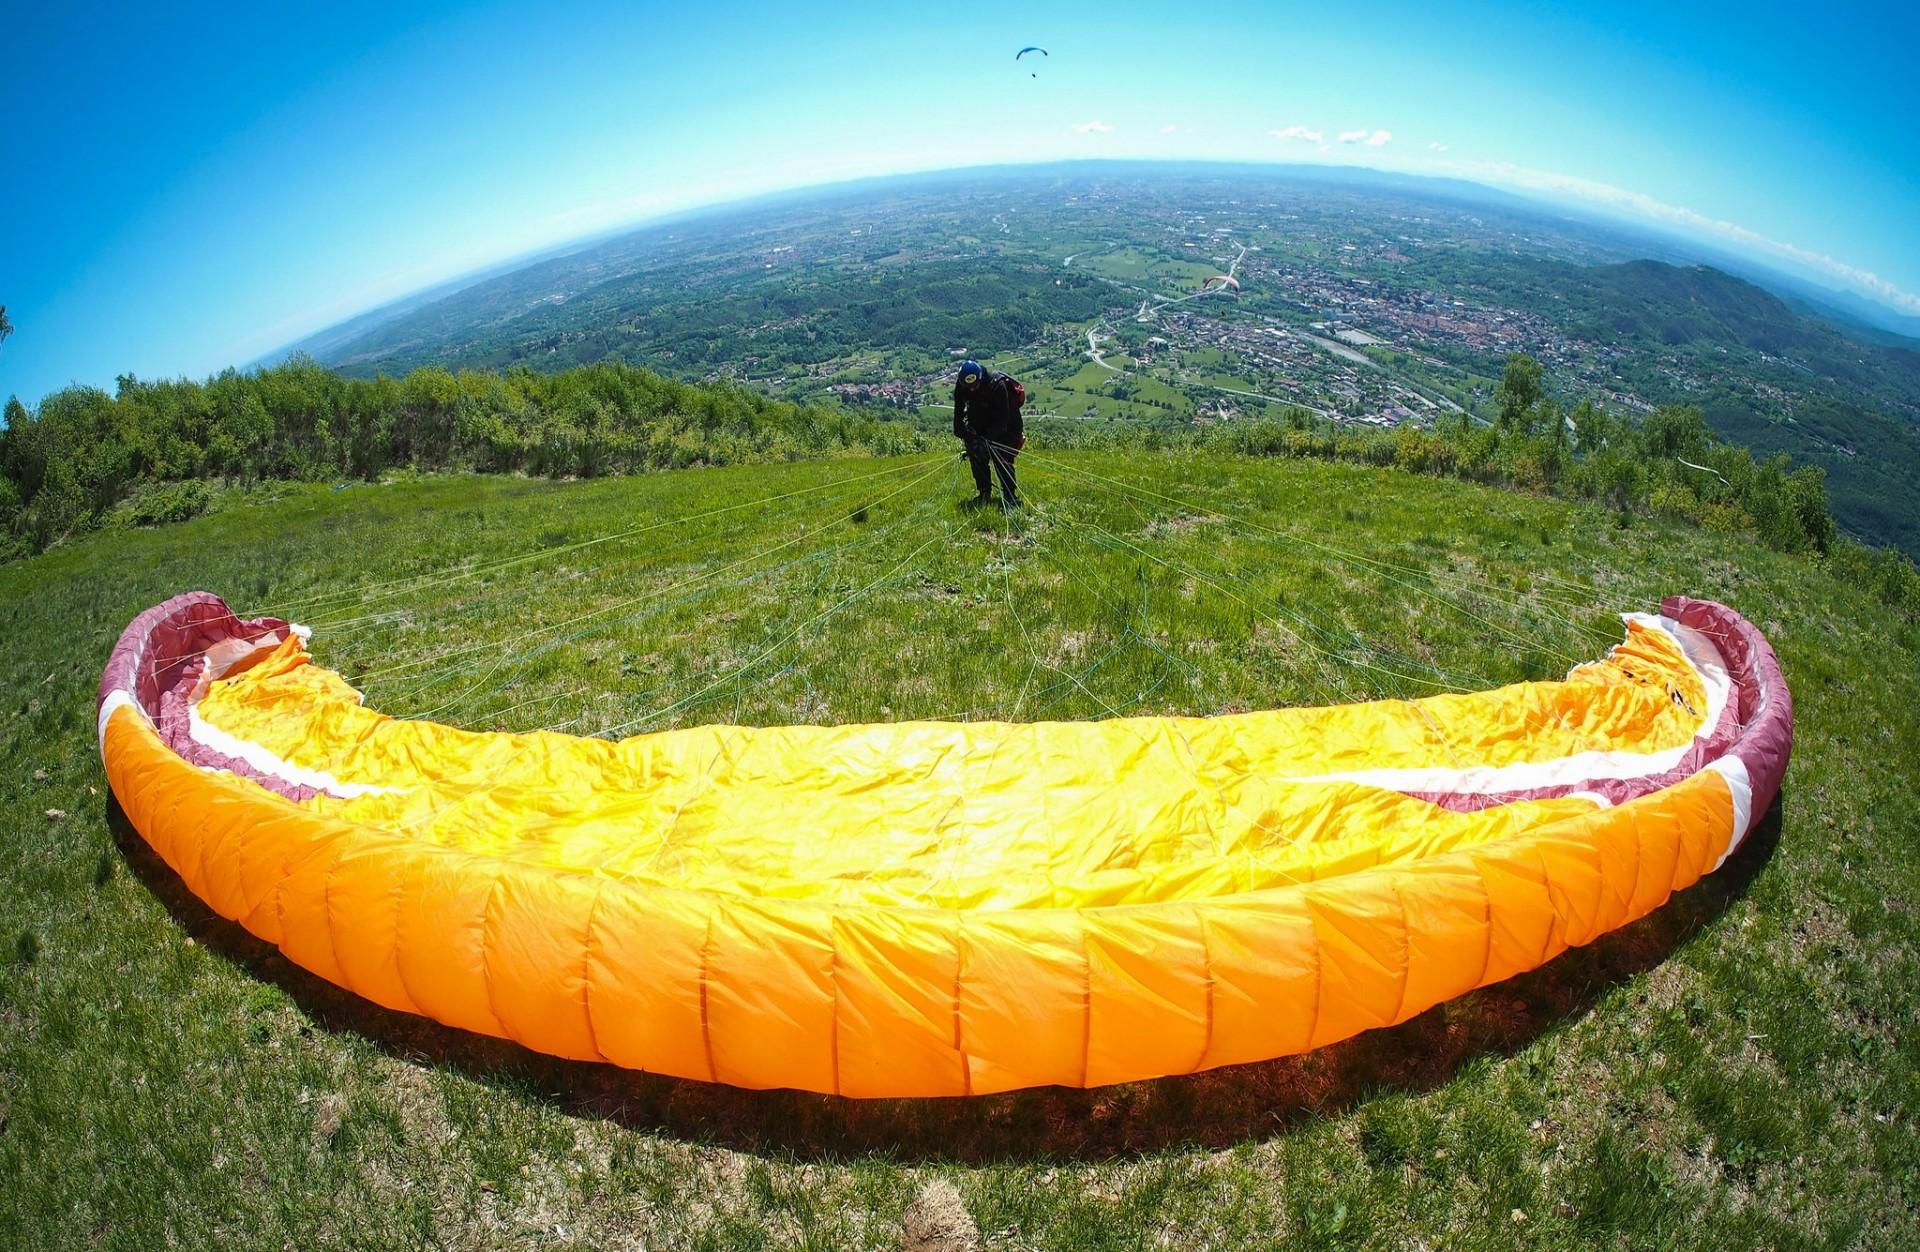 Volo in parapendio biposto a Castelluccio di Norcia o Poggio Bustone